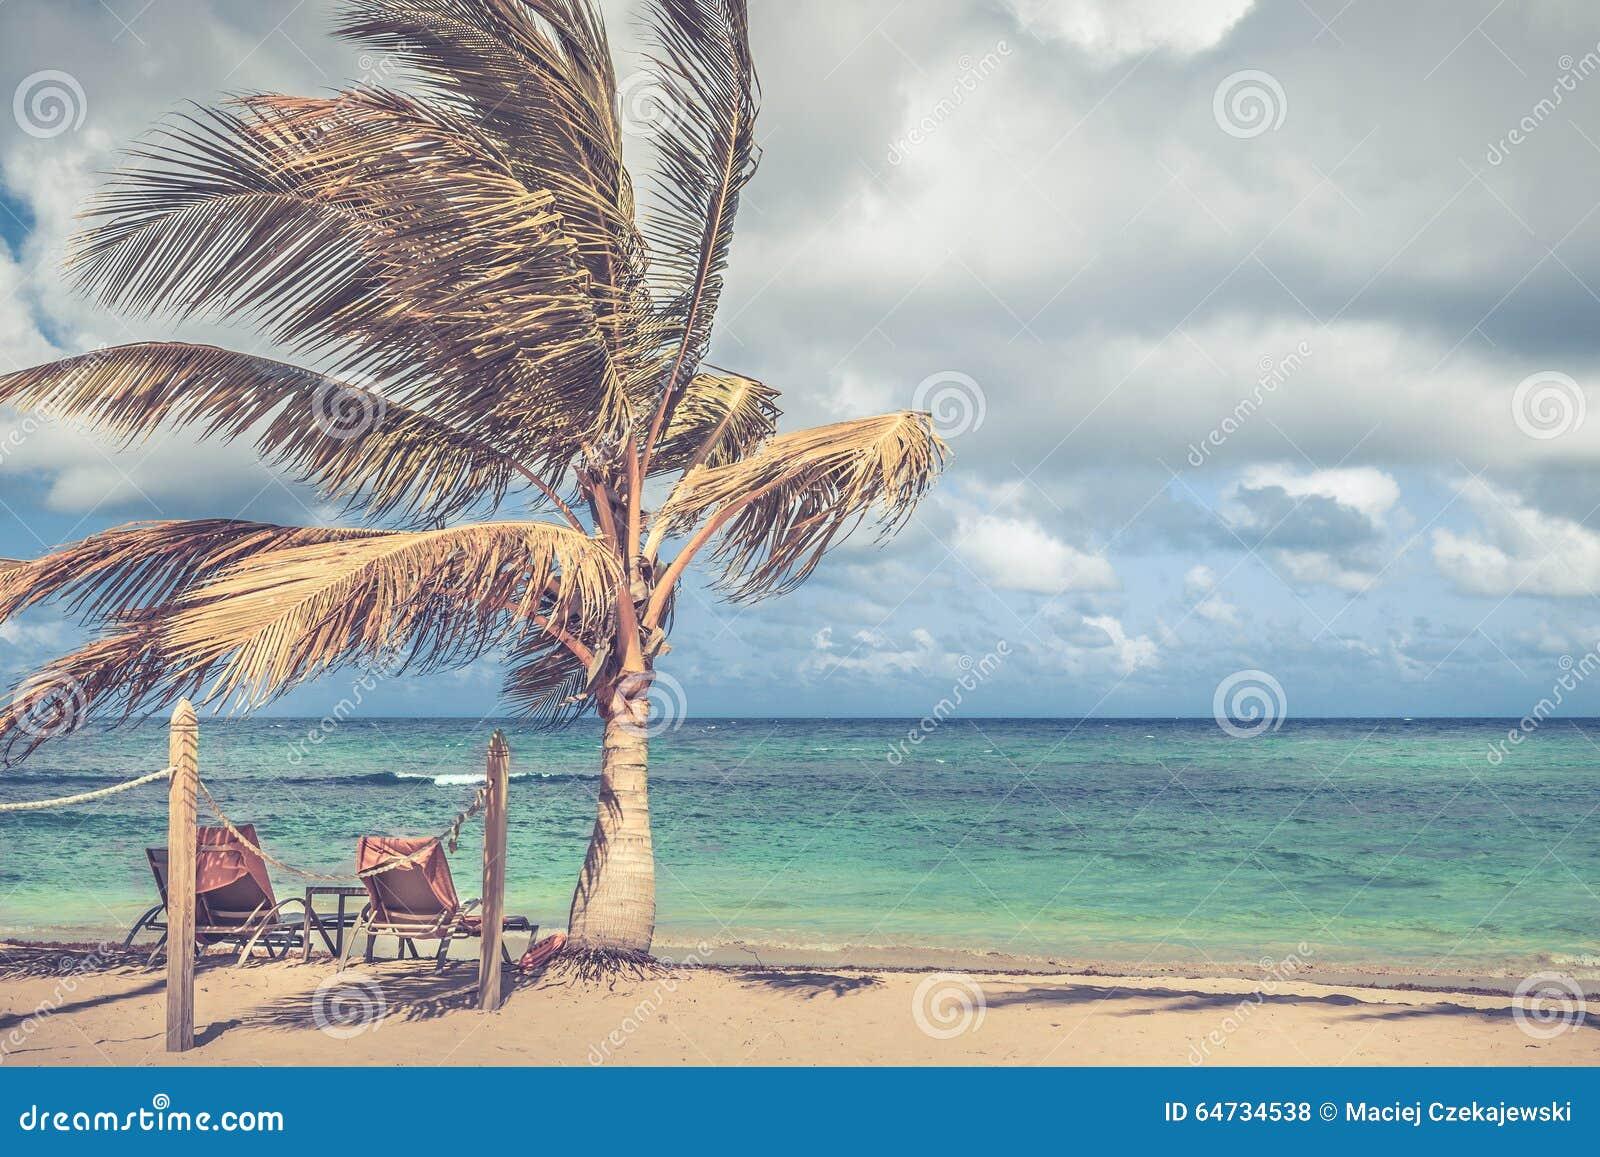 Spiaggia della Repubblica dominicana